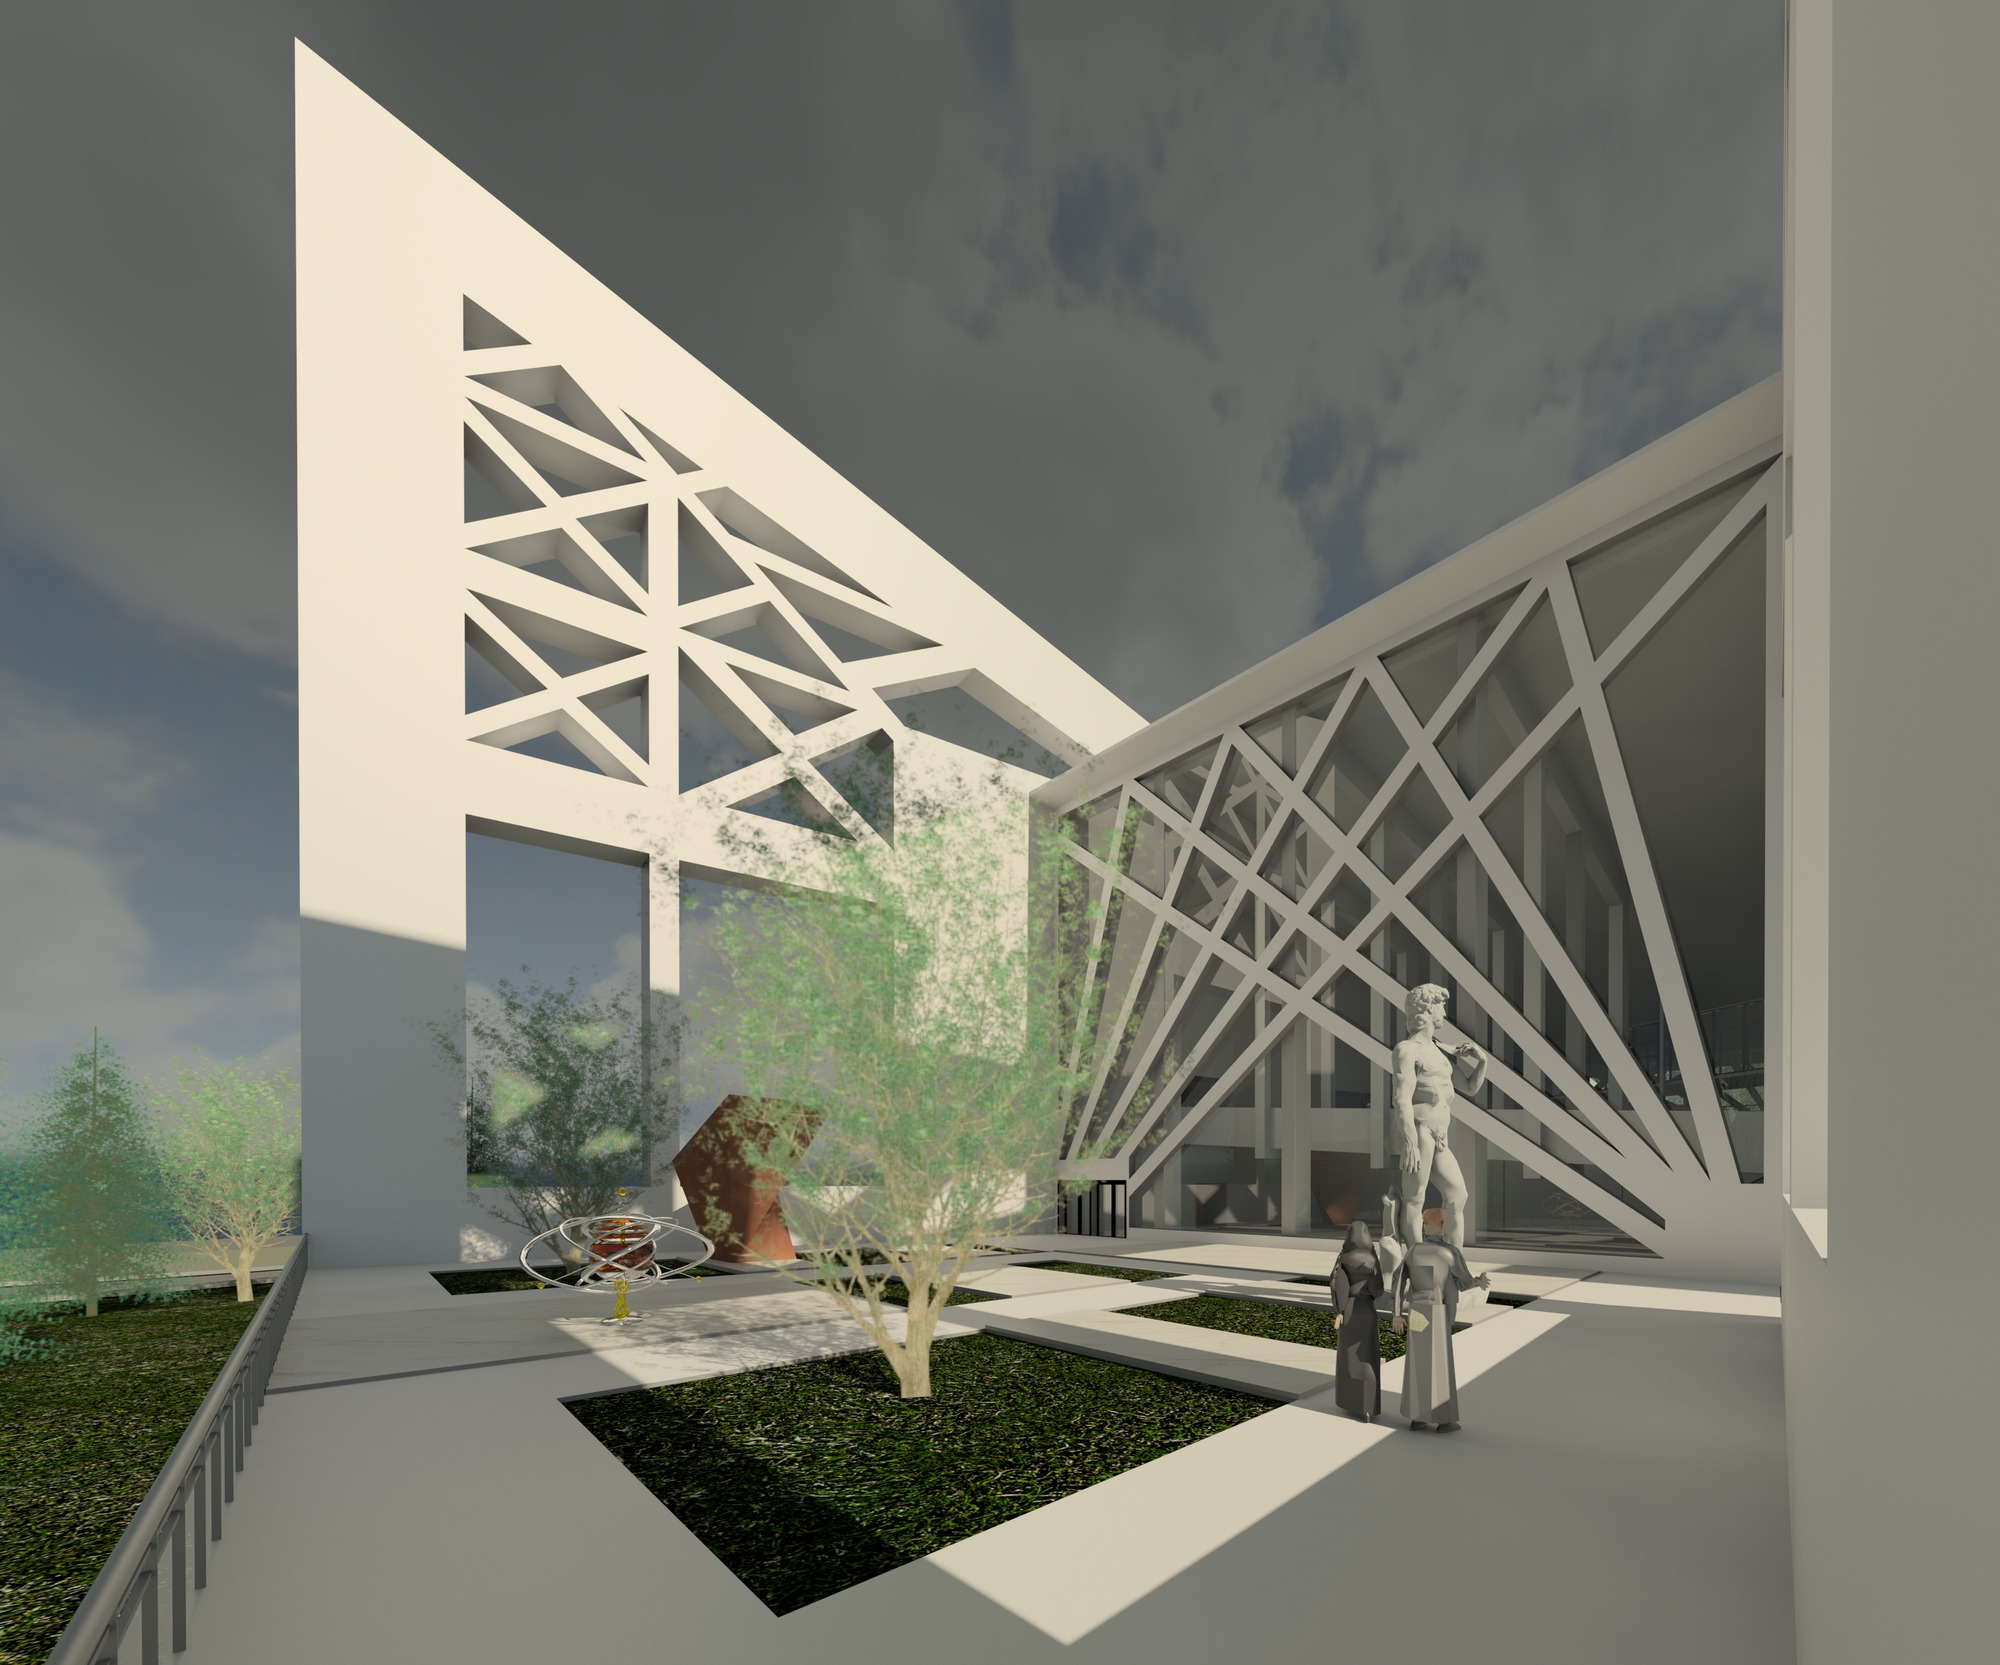 Raas-rendering20141103-3241-10913qw